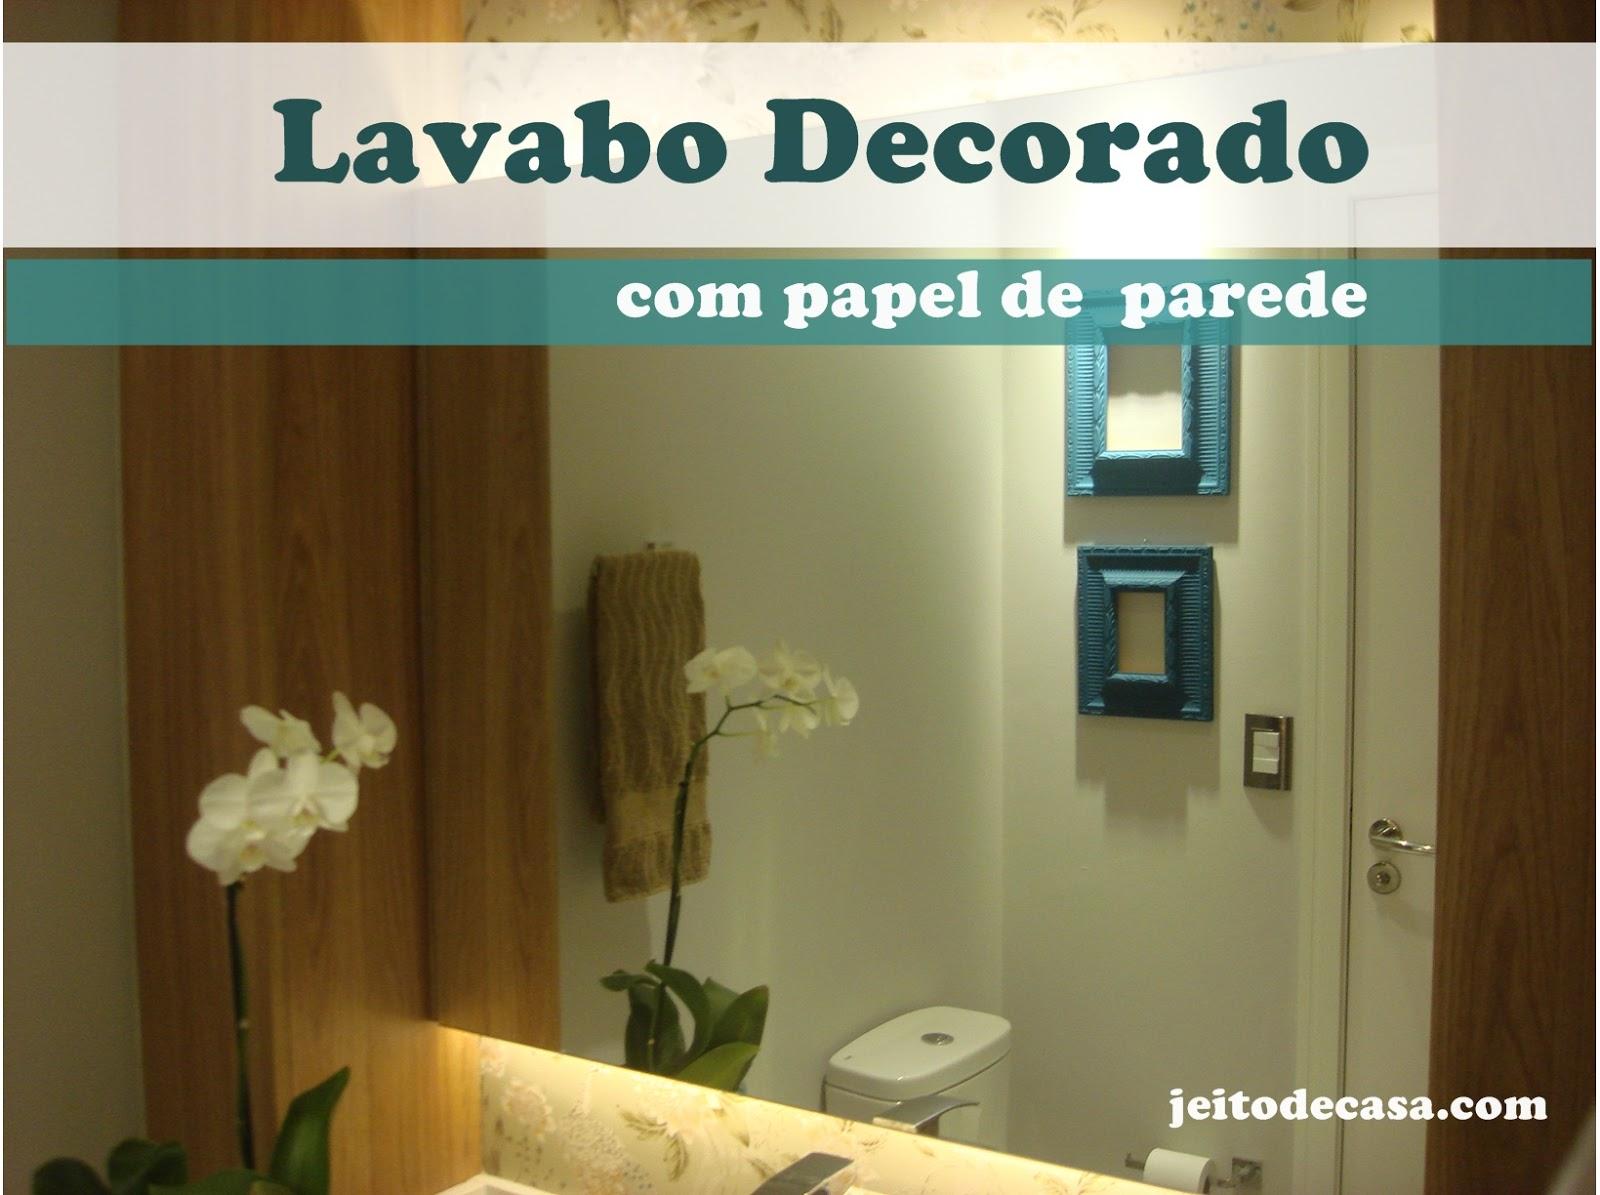 Lavabo Decorado Com Papel De Parede...